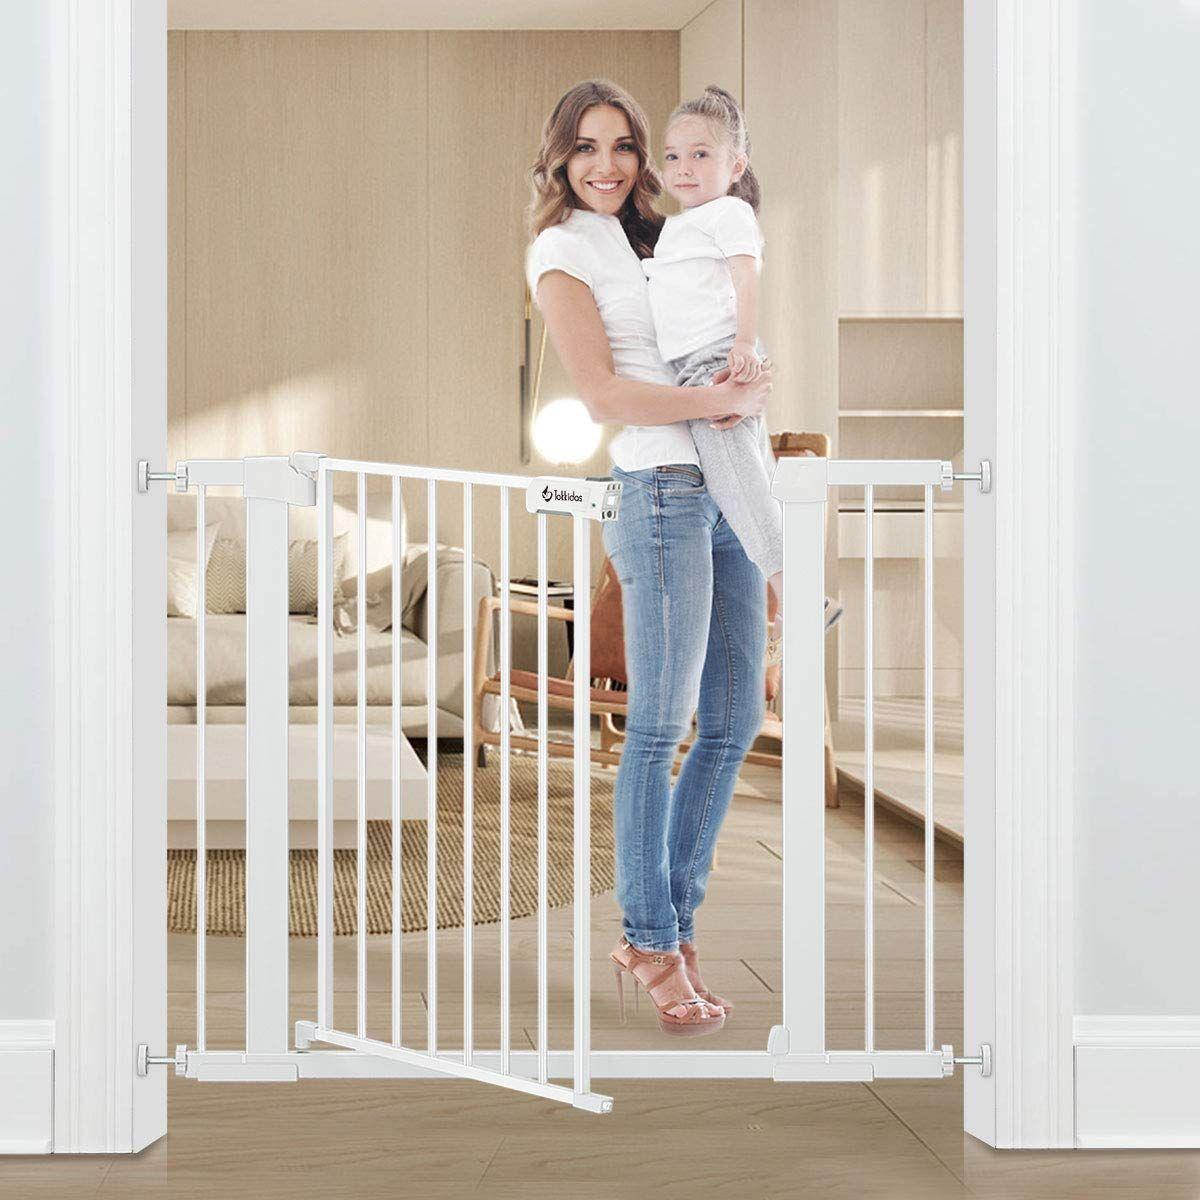 Tokkidas Auto Close Safety Baby Gate 35 37 8 Easy Walk Thru Child Gate For Doorways Stairs Includes 2 75 And 5 5 Extension Baby Gate Kids Gate Safety Gate